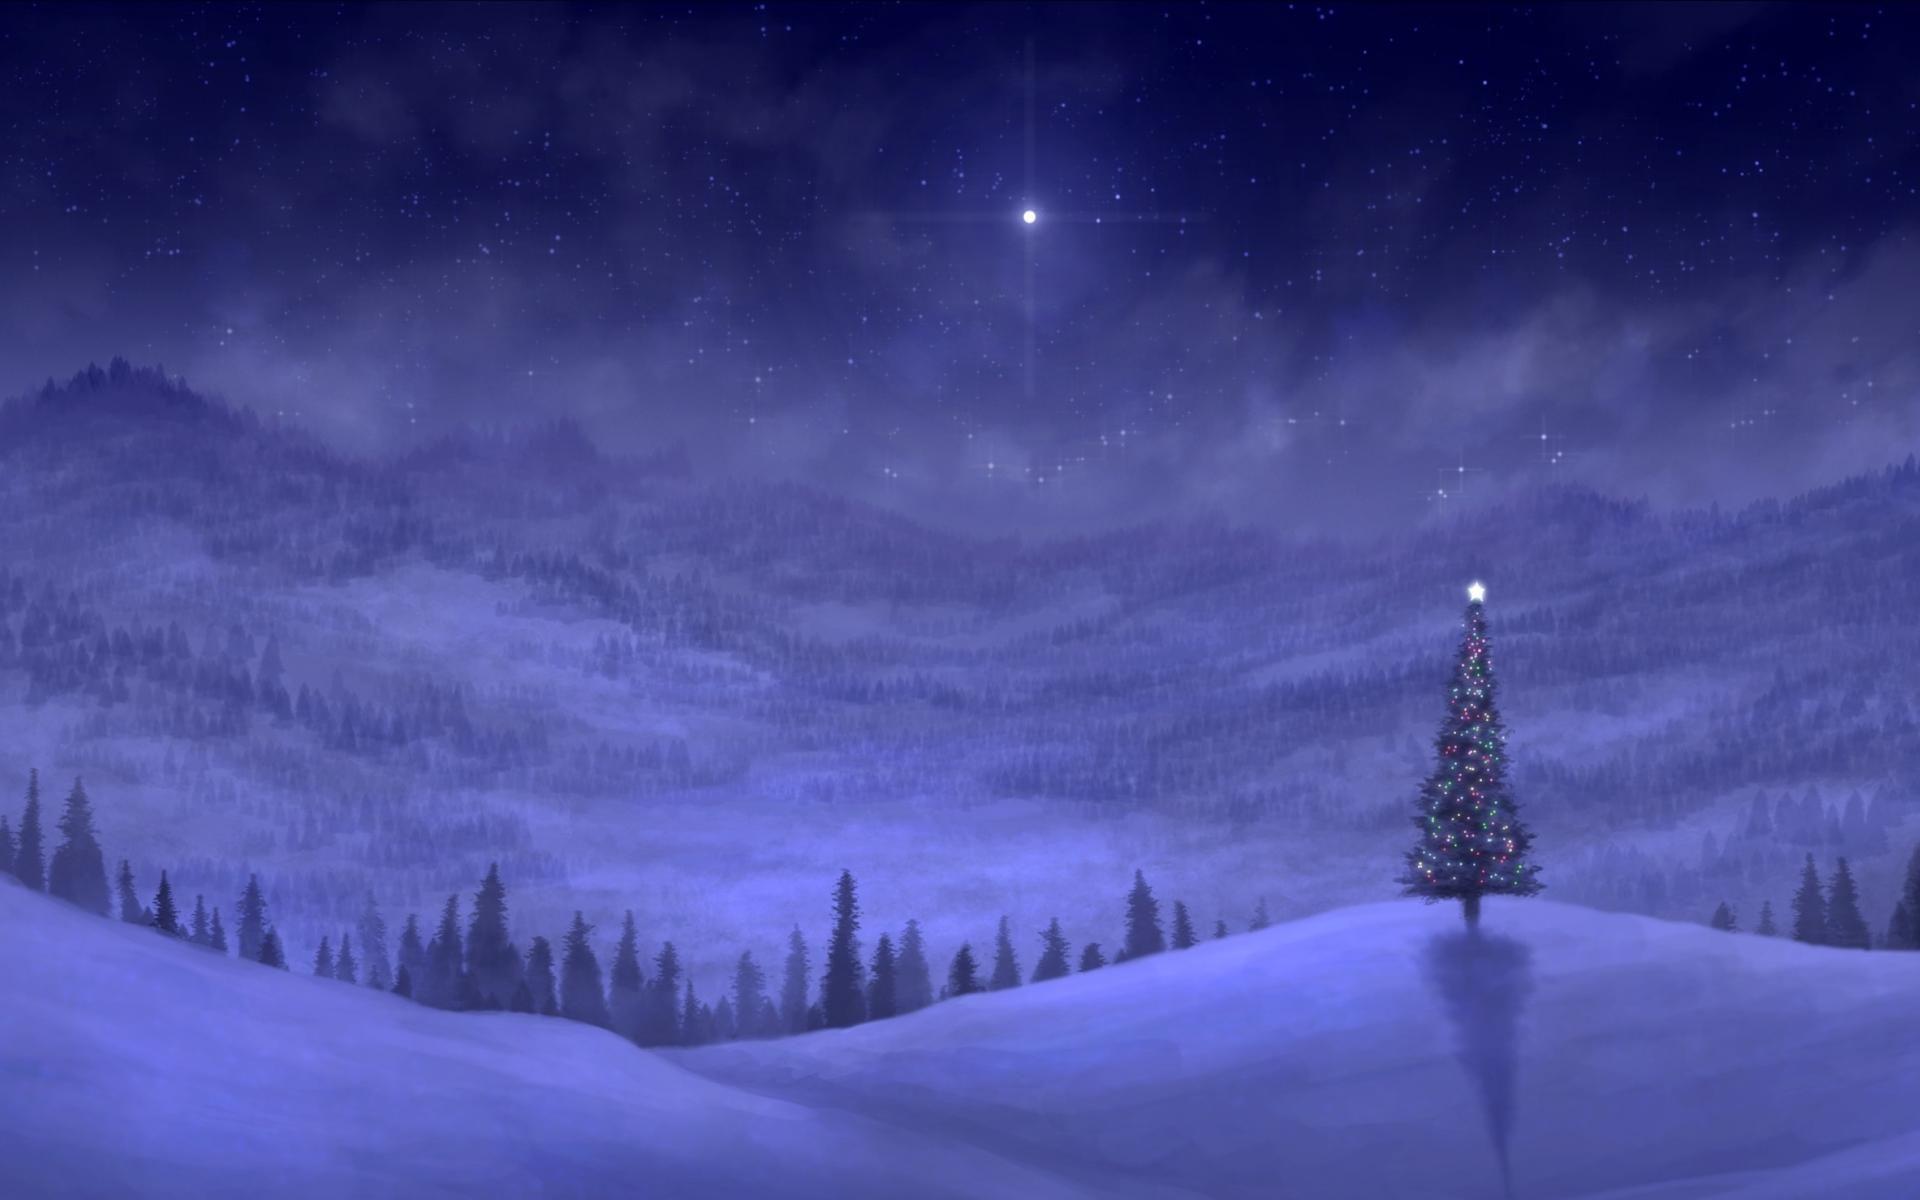 Необычная елка своими руками для конкурса для детей в детский сад, школу и для взрослых, на корпоратив: идеи, схемы, описание, фото. Как креативно сделать и назвать поделку — новогоднюю елку на конкурс: идеи, схемы, шаблоны, примеры названий, фото || Необычная новогодняя елка из дерева